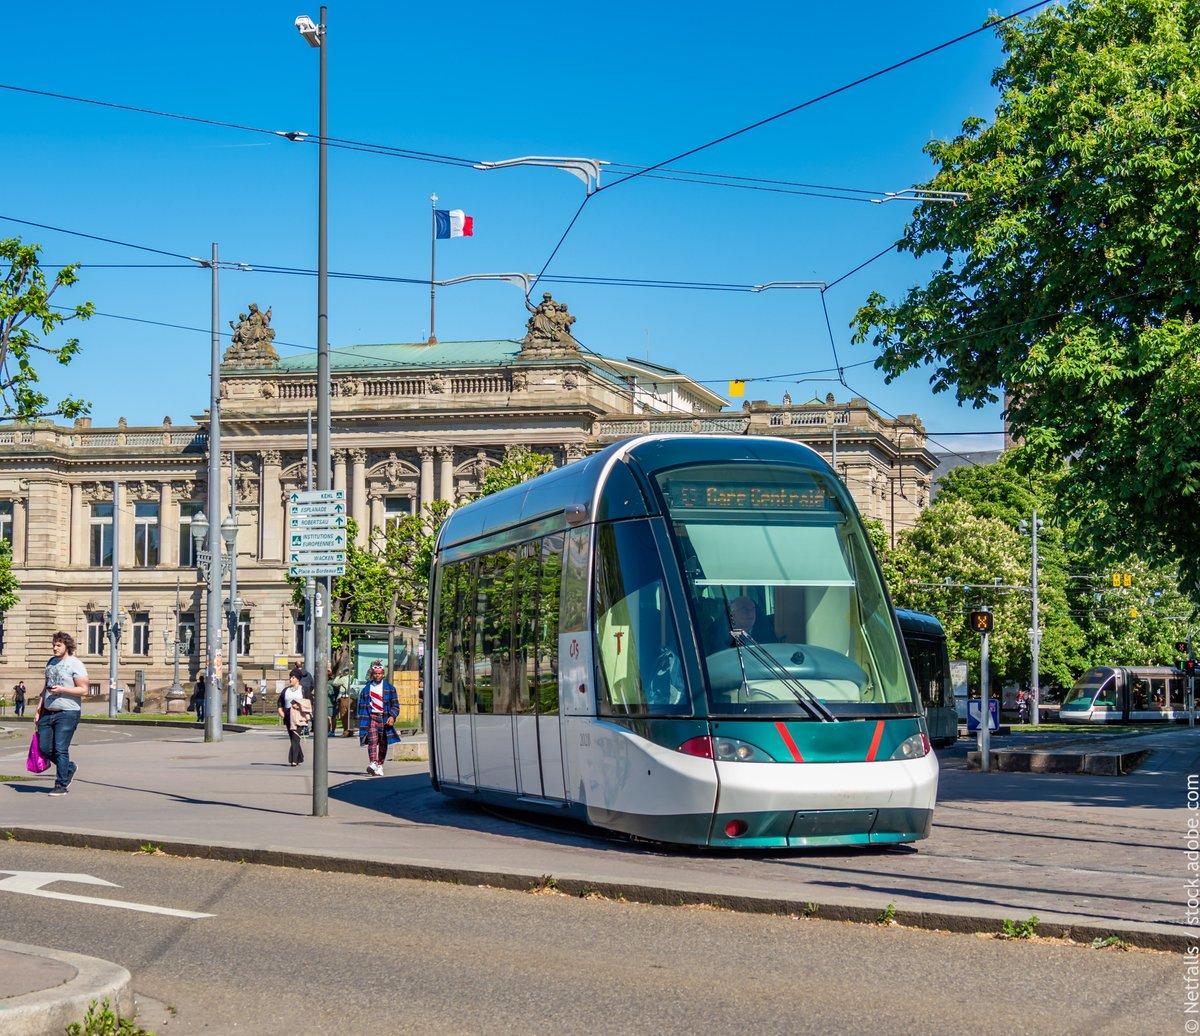 #LeSaviezVous ? A partir du 1er septembre, les moins de 18 ans pourront voyager gratuitement dans les transports à #Strasbourg. Une première en France pour une ville avec un tram ! https://t.co/NEt8kDzTQP #Alsace #tram https://t.co/g20Vp8ajuG